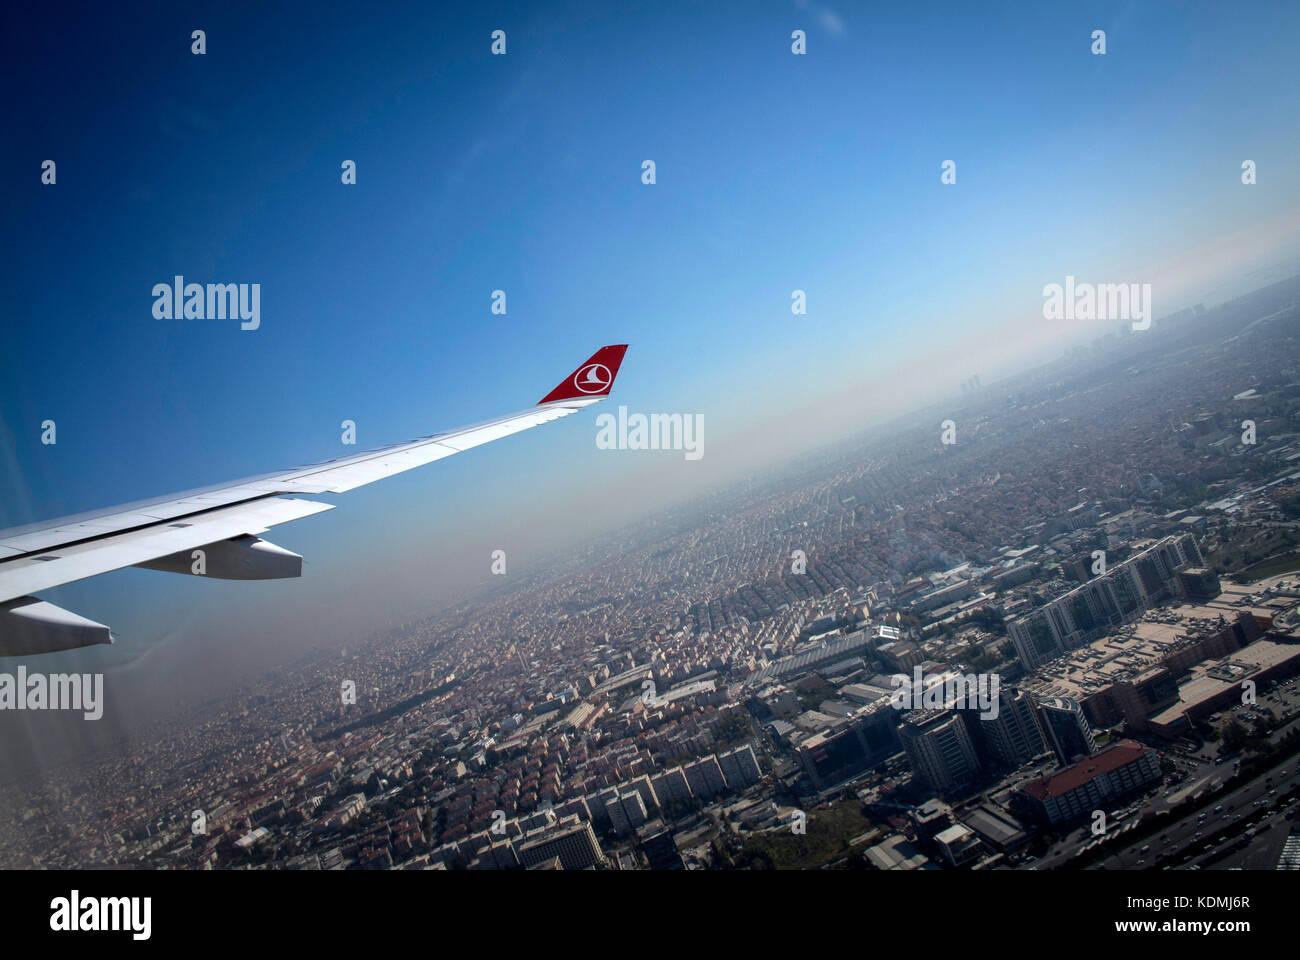 Décollage de l'aéroport d'Istanbul en Turquie. Photo Stock